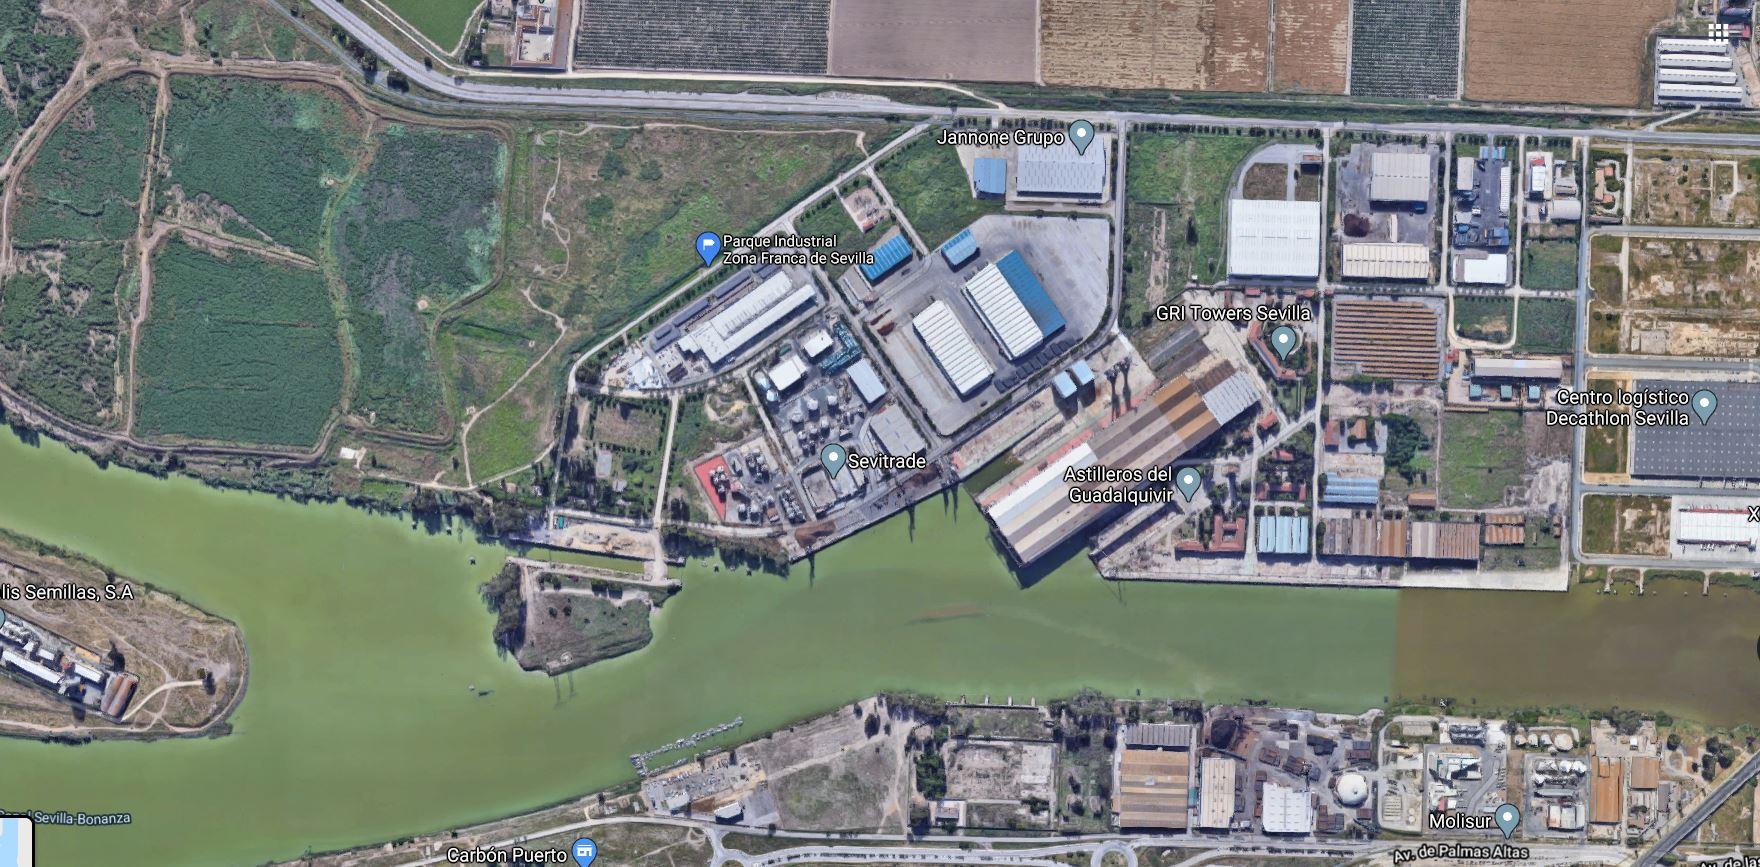 Zona Franca Sevilla: Un tren de ventajas y un río de oportunidades